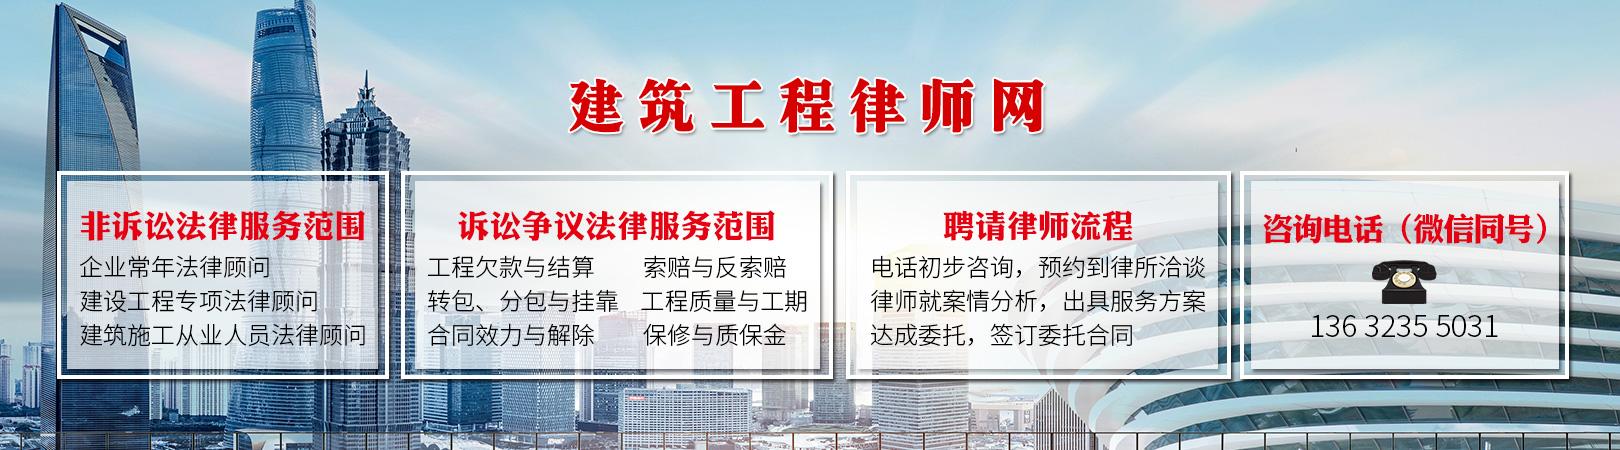 广州建设工程合同律师